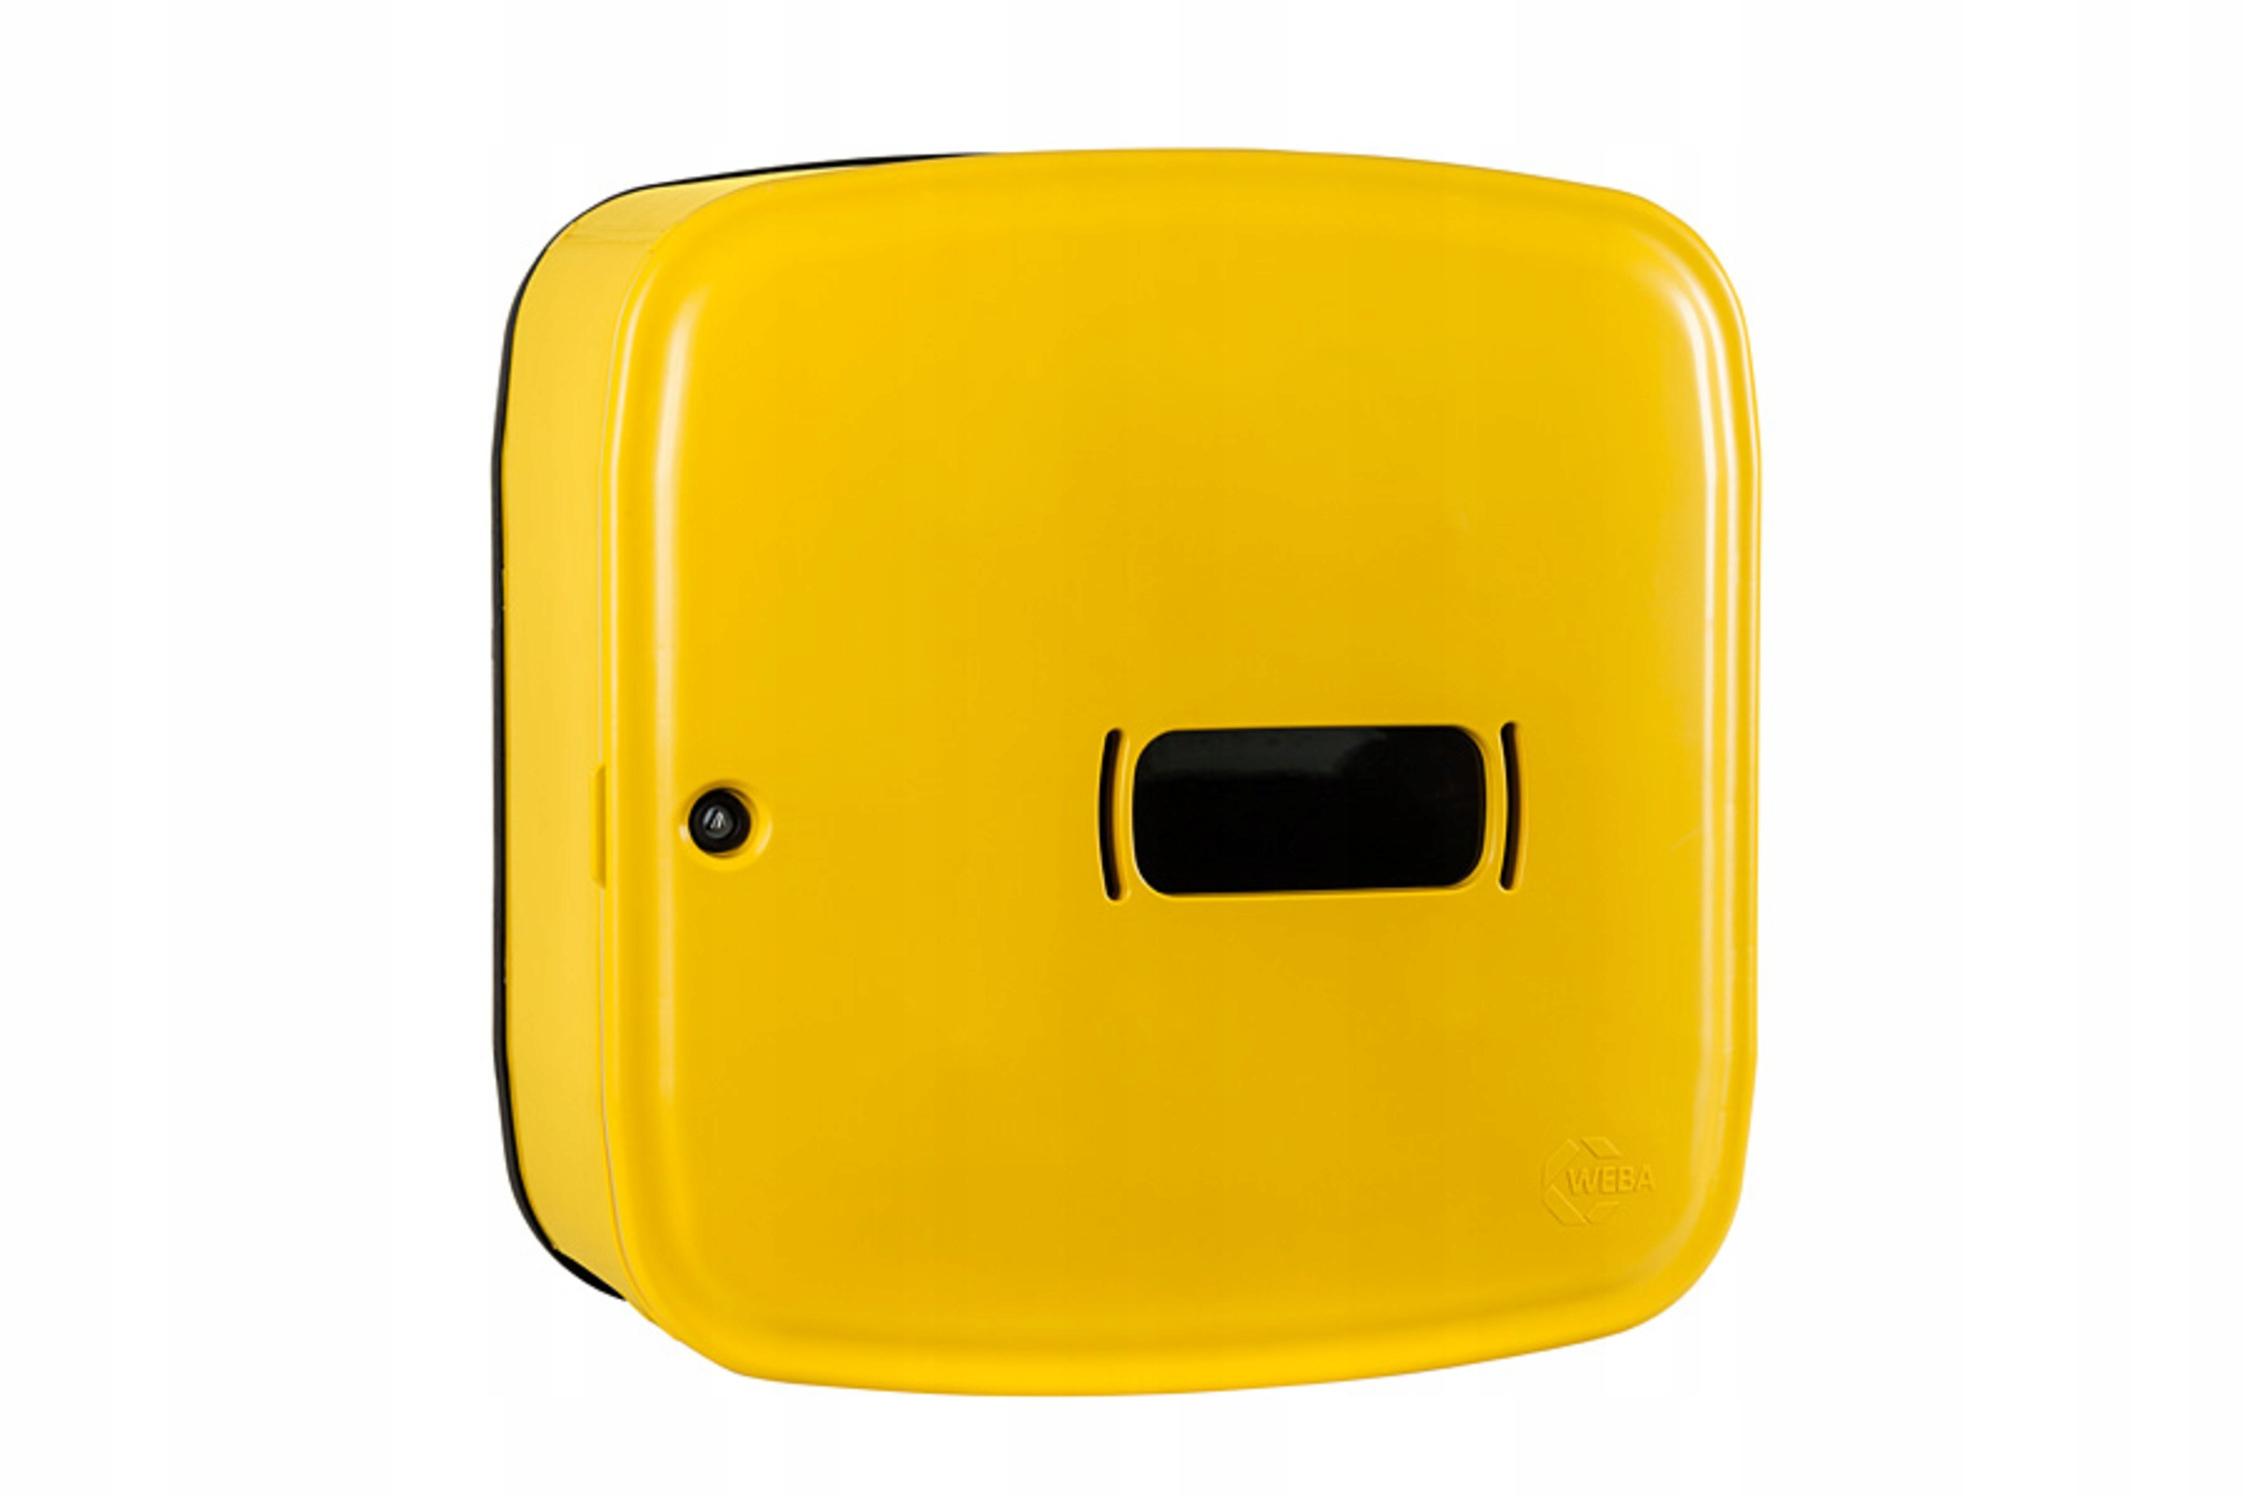 Univerzálny plynový box Weba 600x600x250 mm